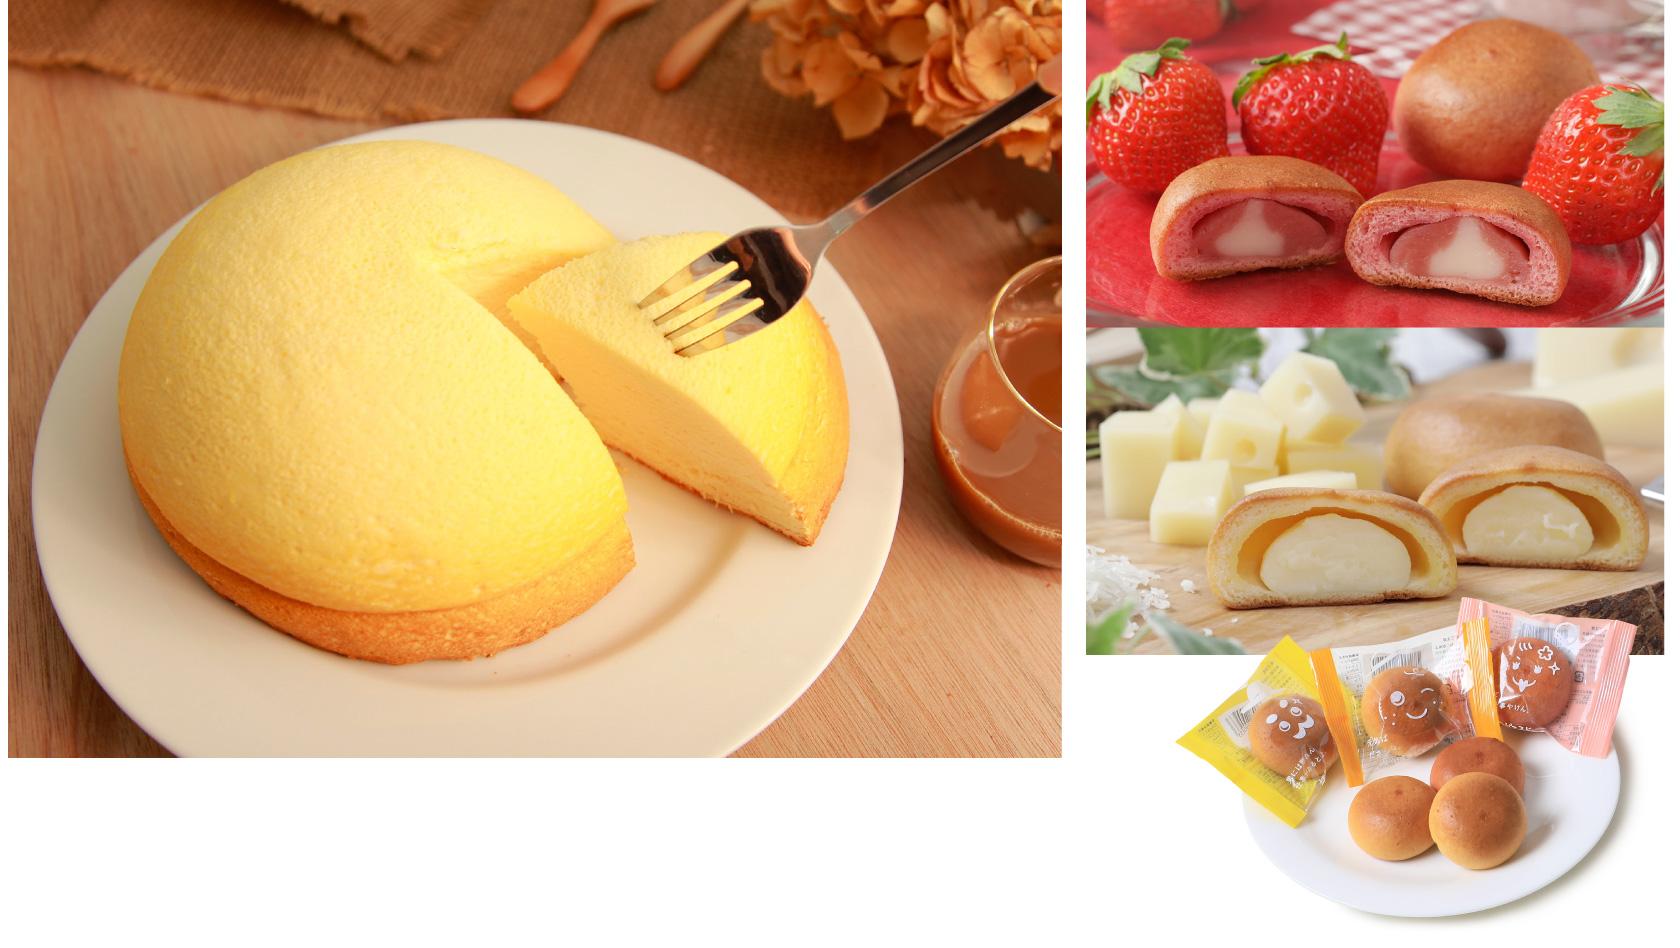 博多笑蔵(エクラ) 「ズコットチーズケーキ」と「博多ピエスドール」